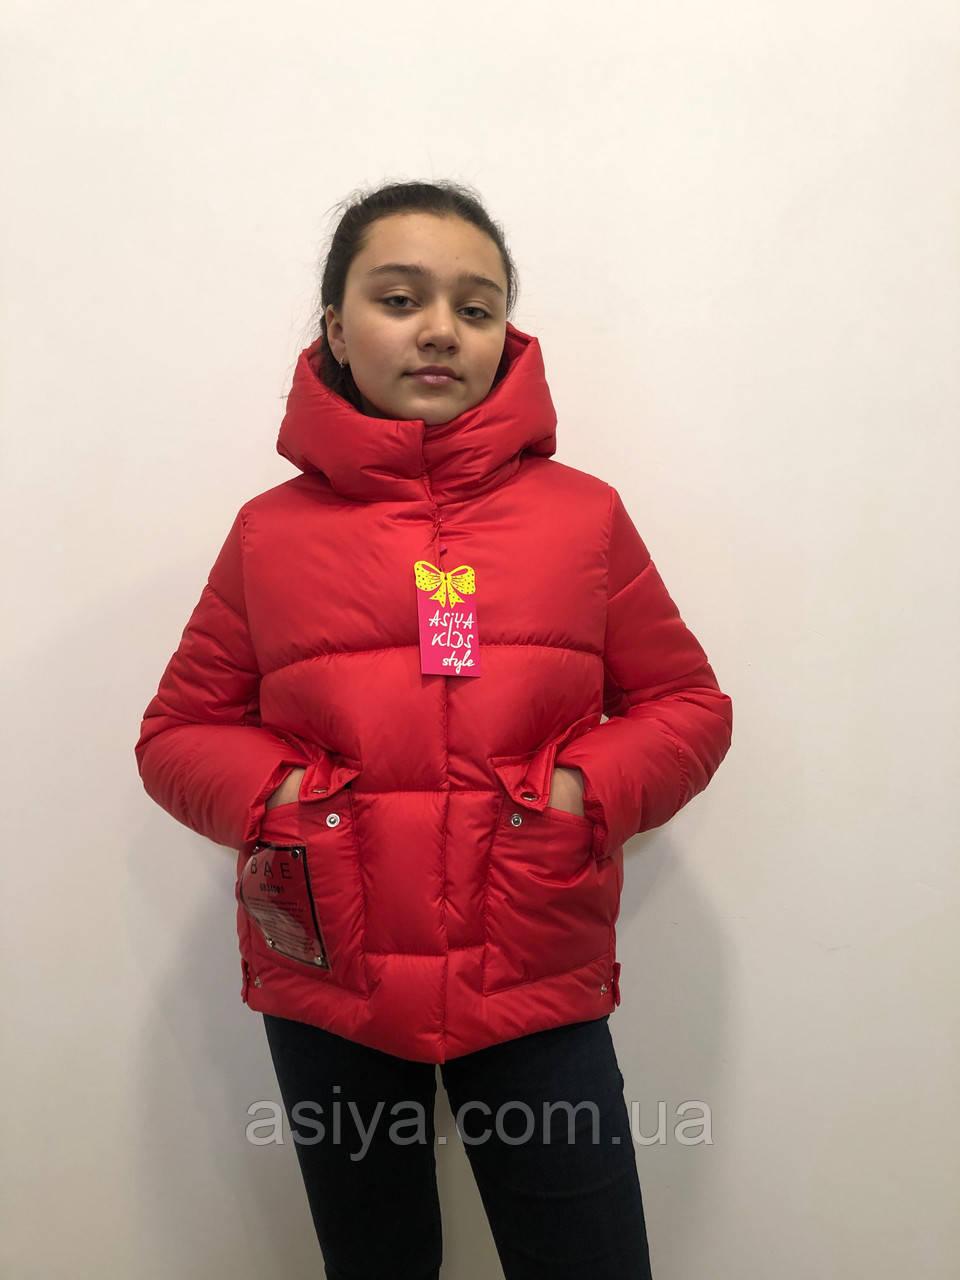 Куртка демисезонная на девочку Мари